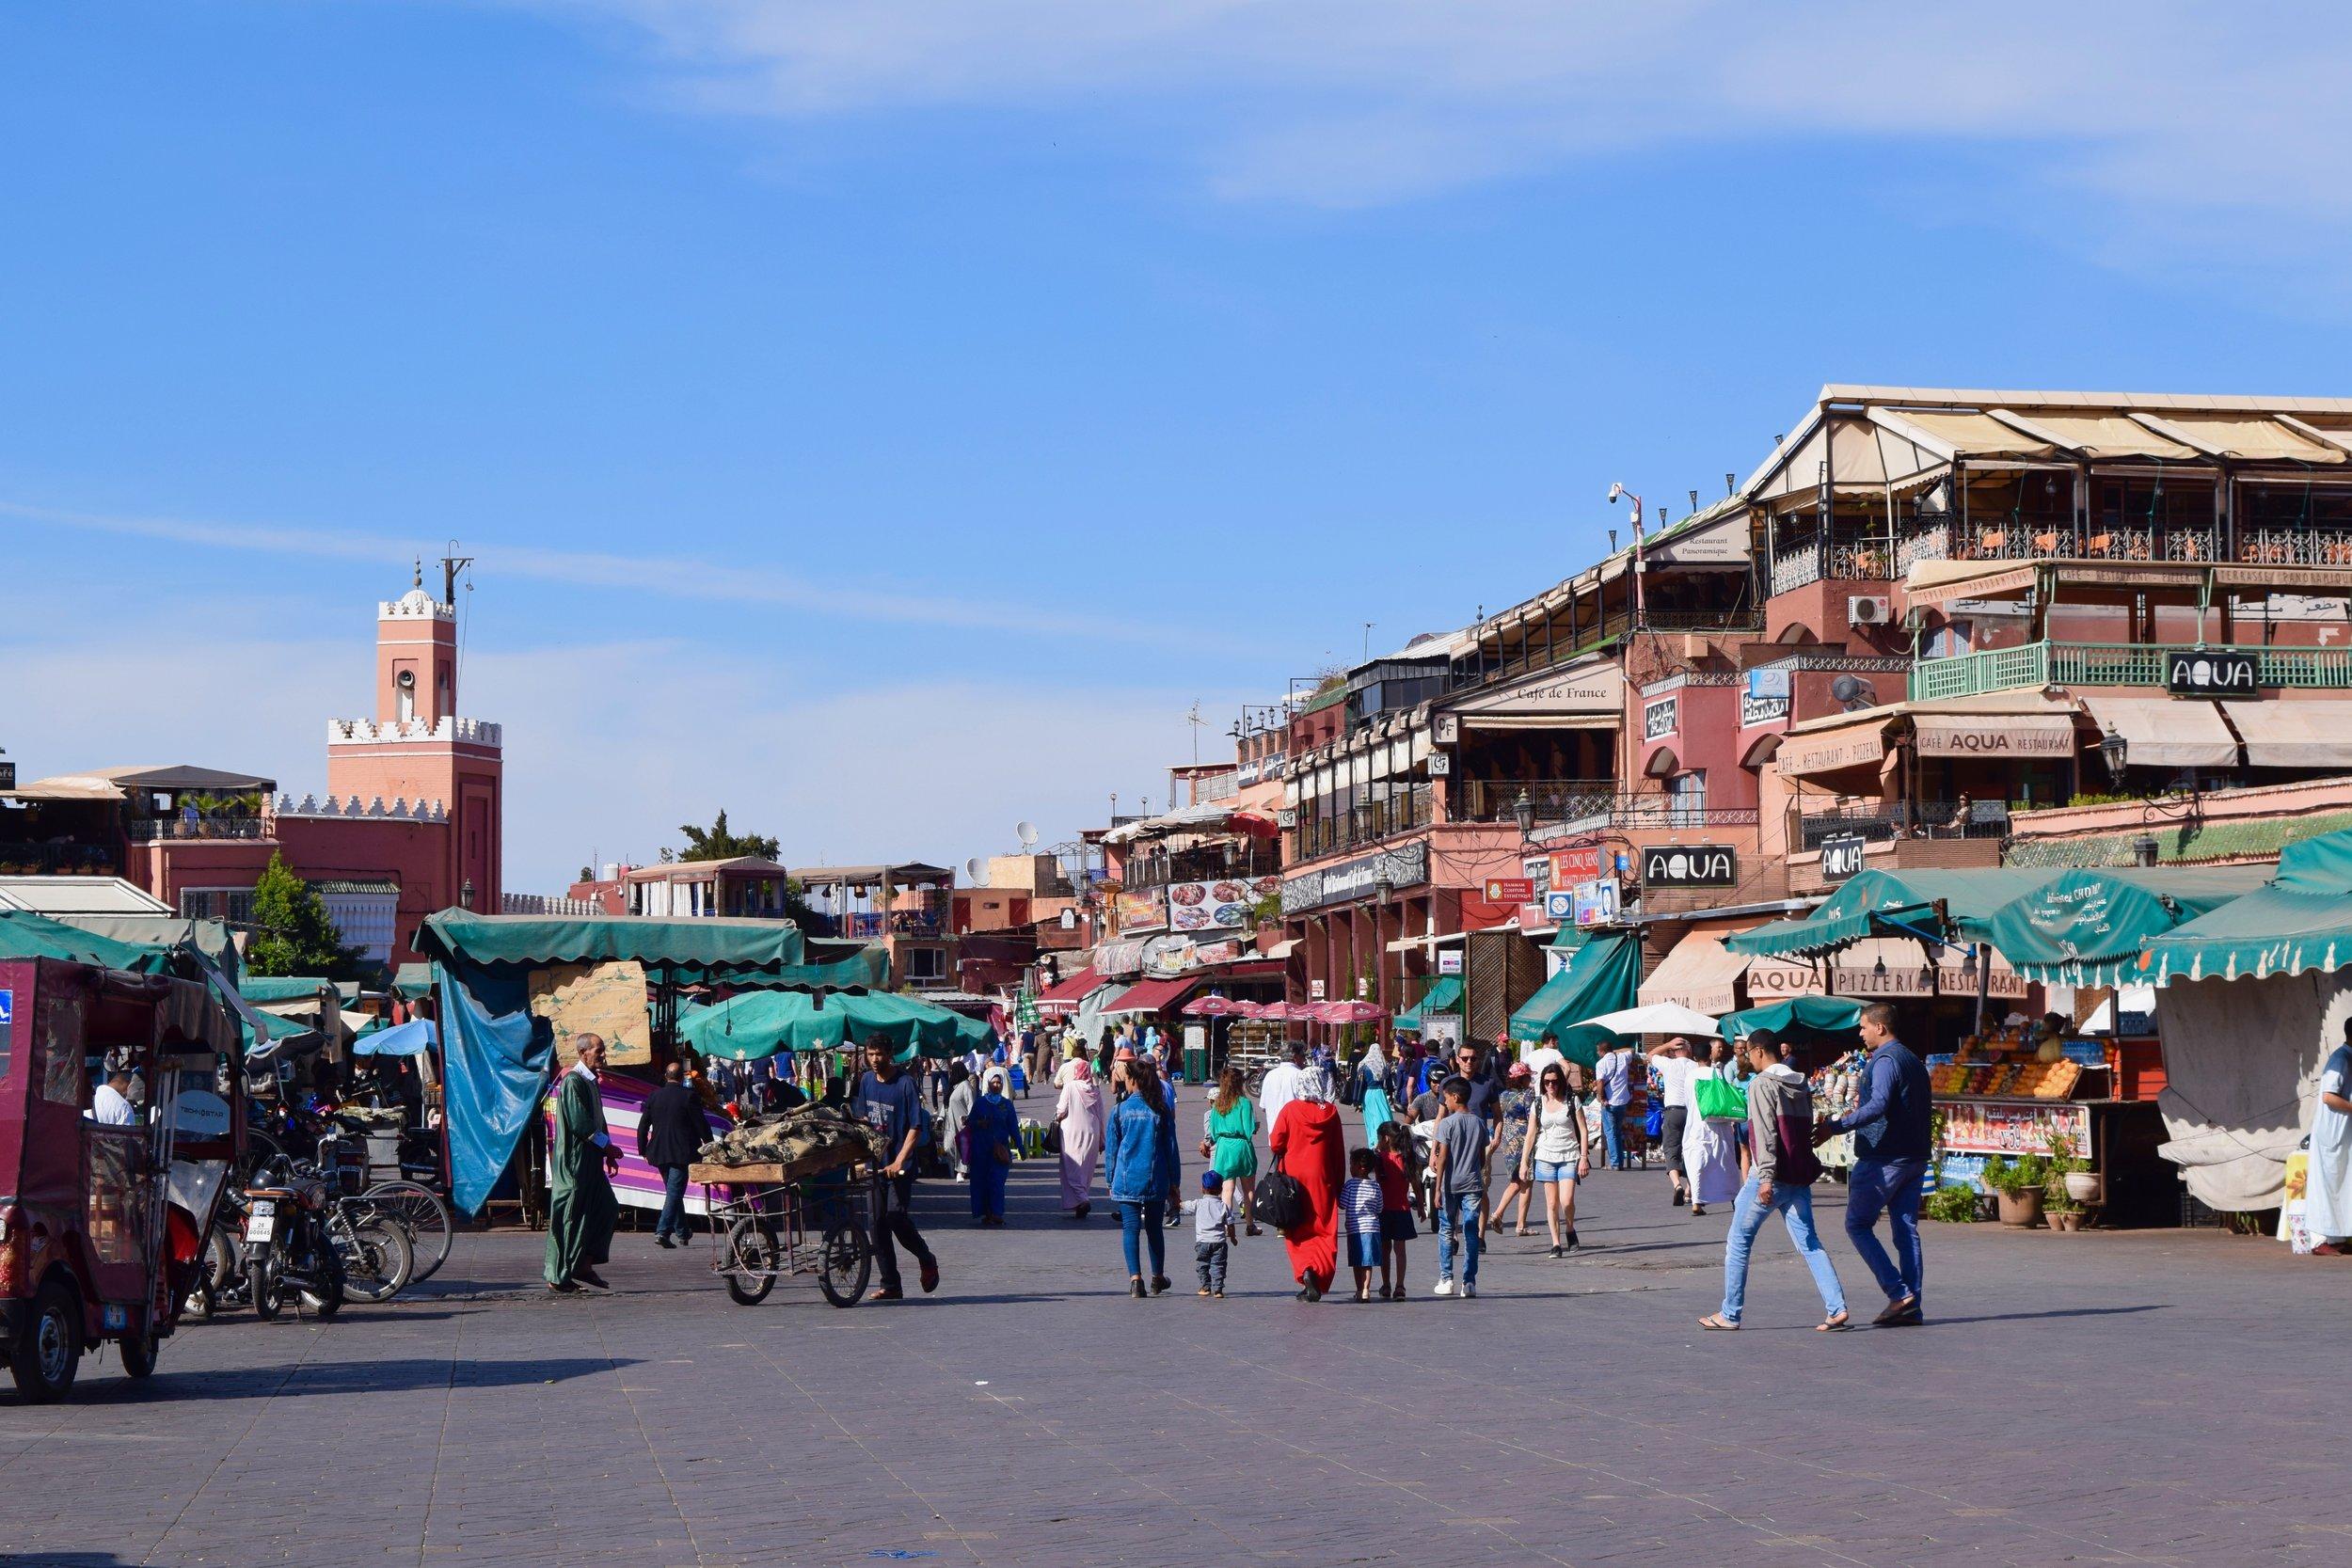 Market in Jemaa el-Fna square